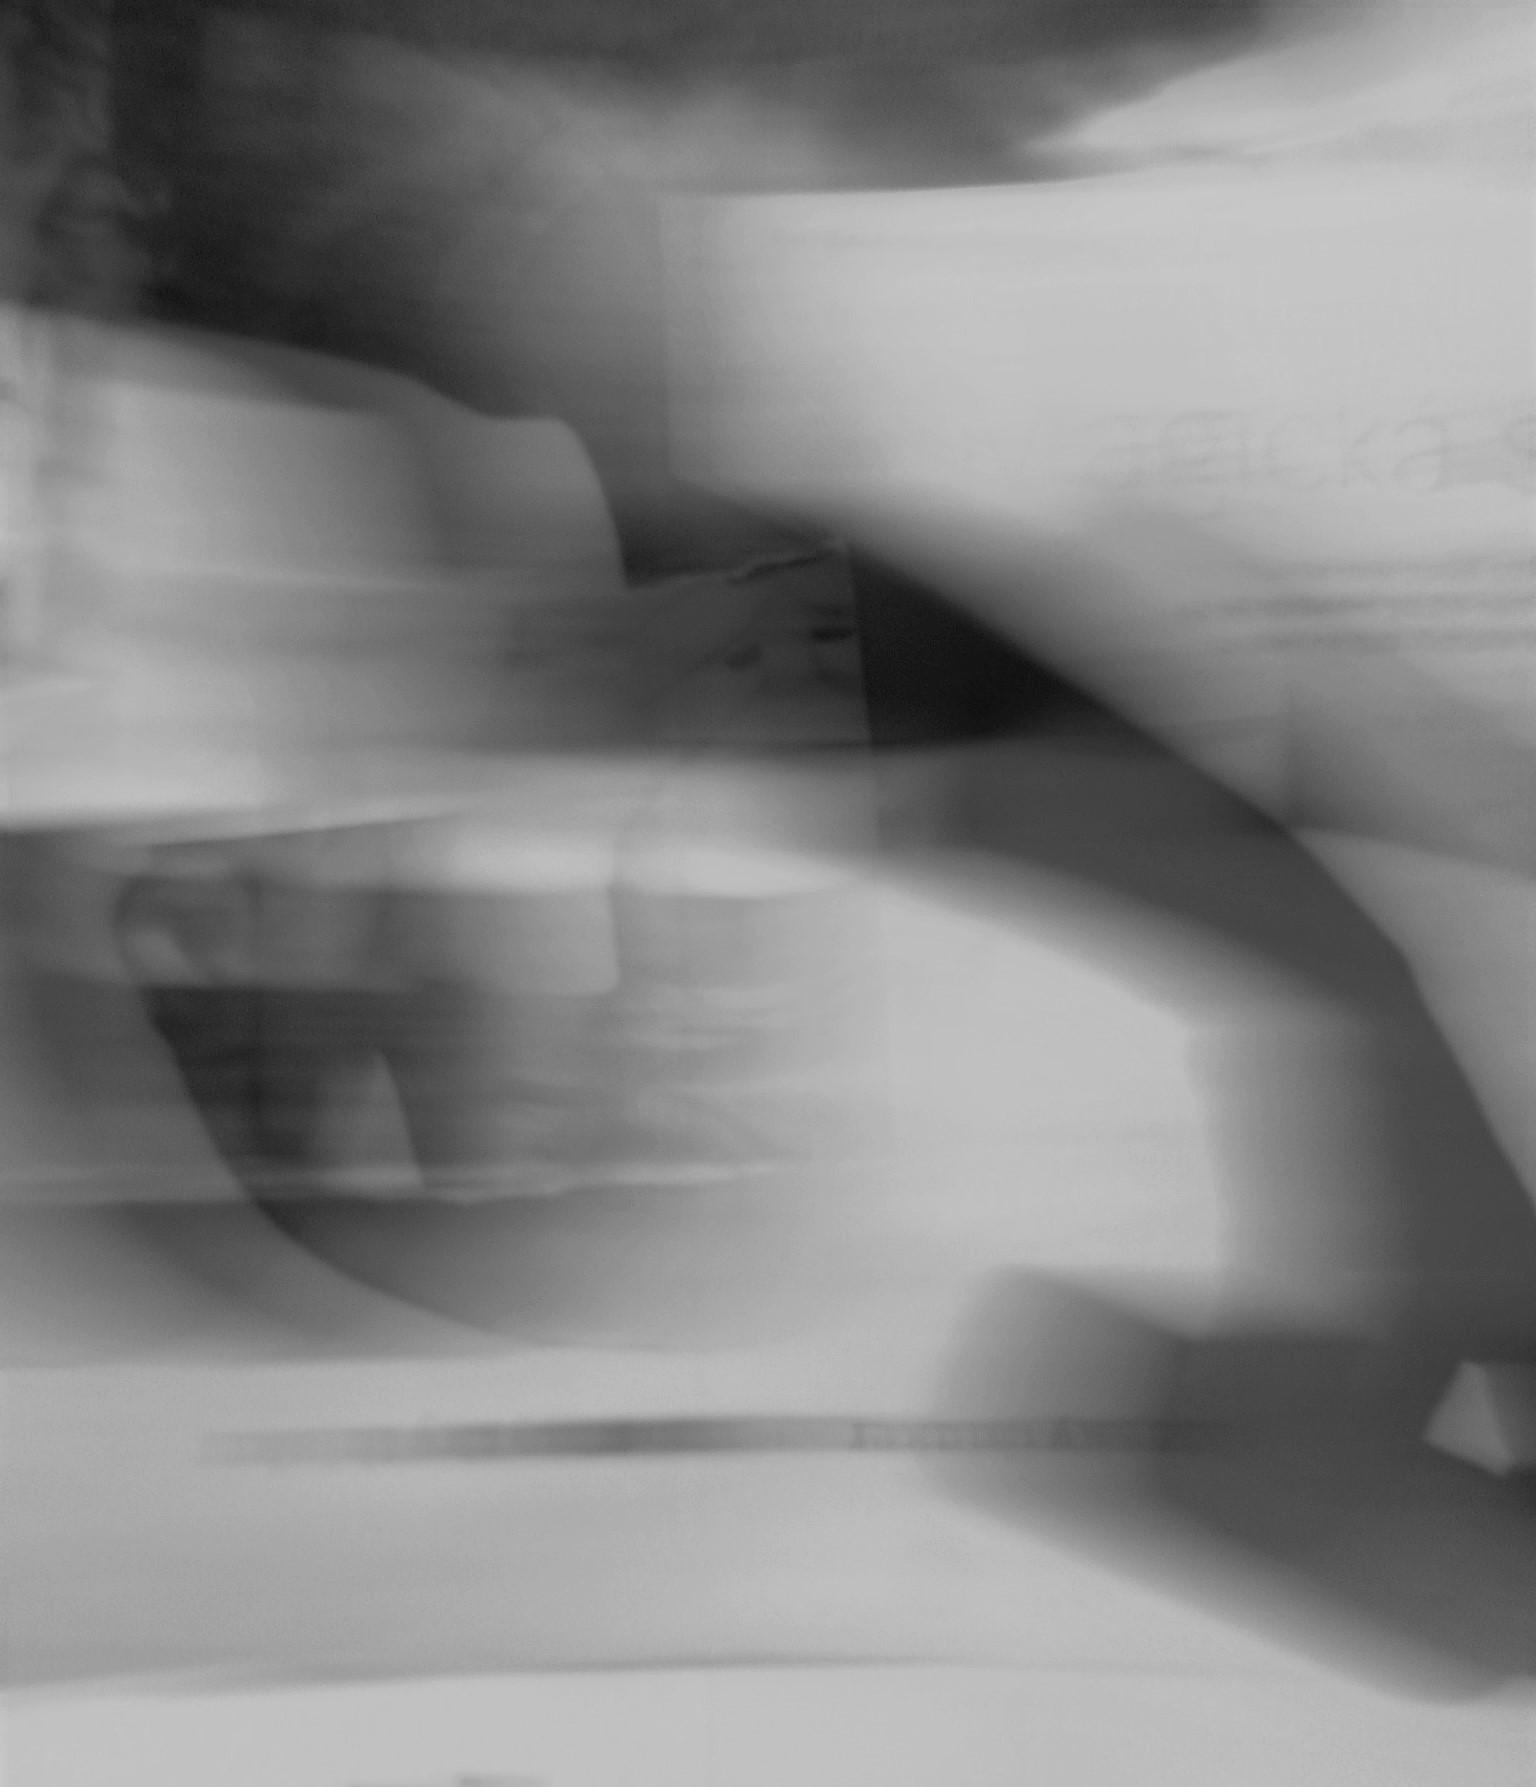 Hintergrundbilder Kunst Arte Abstrakt Abstrakter Expressionismus Abstrakte Kunst Kunstwerk Britishart Schwarz Und Weiss Collage Zeitgenossische Kunst Czechart Dunkel Deviantart Esson Europeanart Expressionist Europamodernart Flickrart